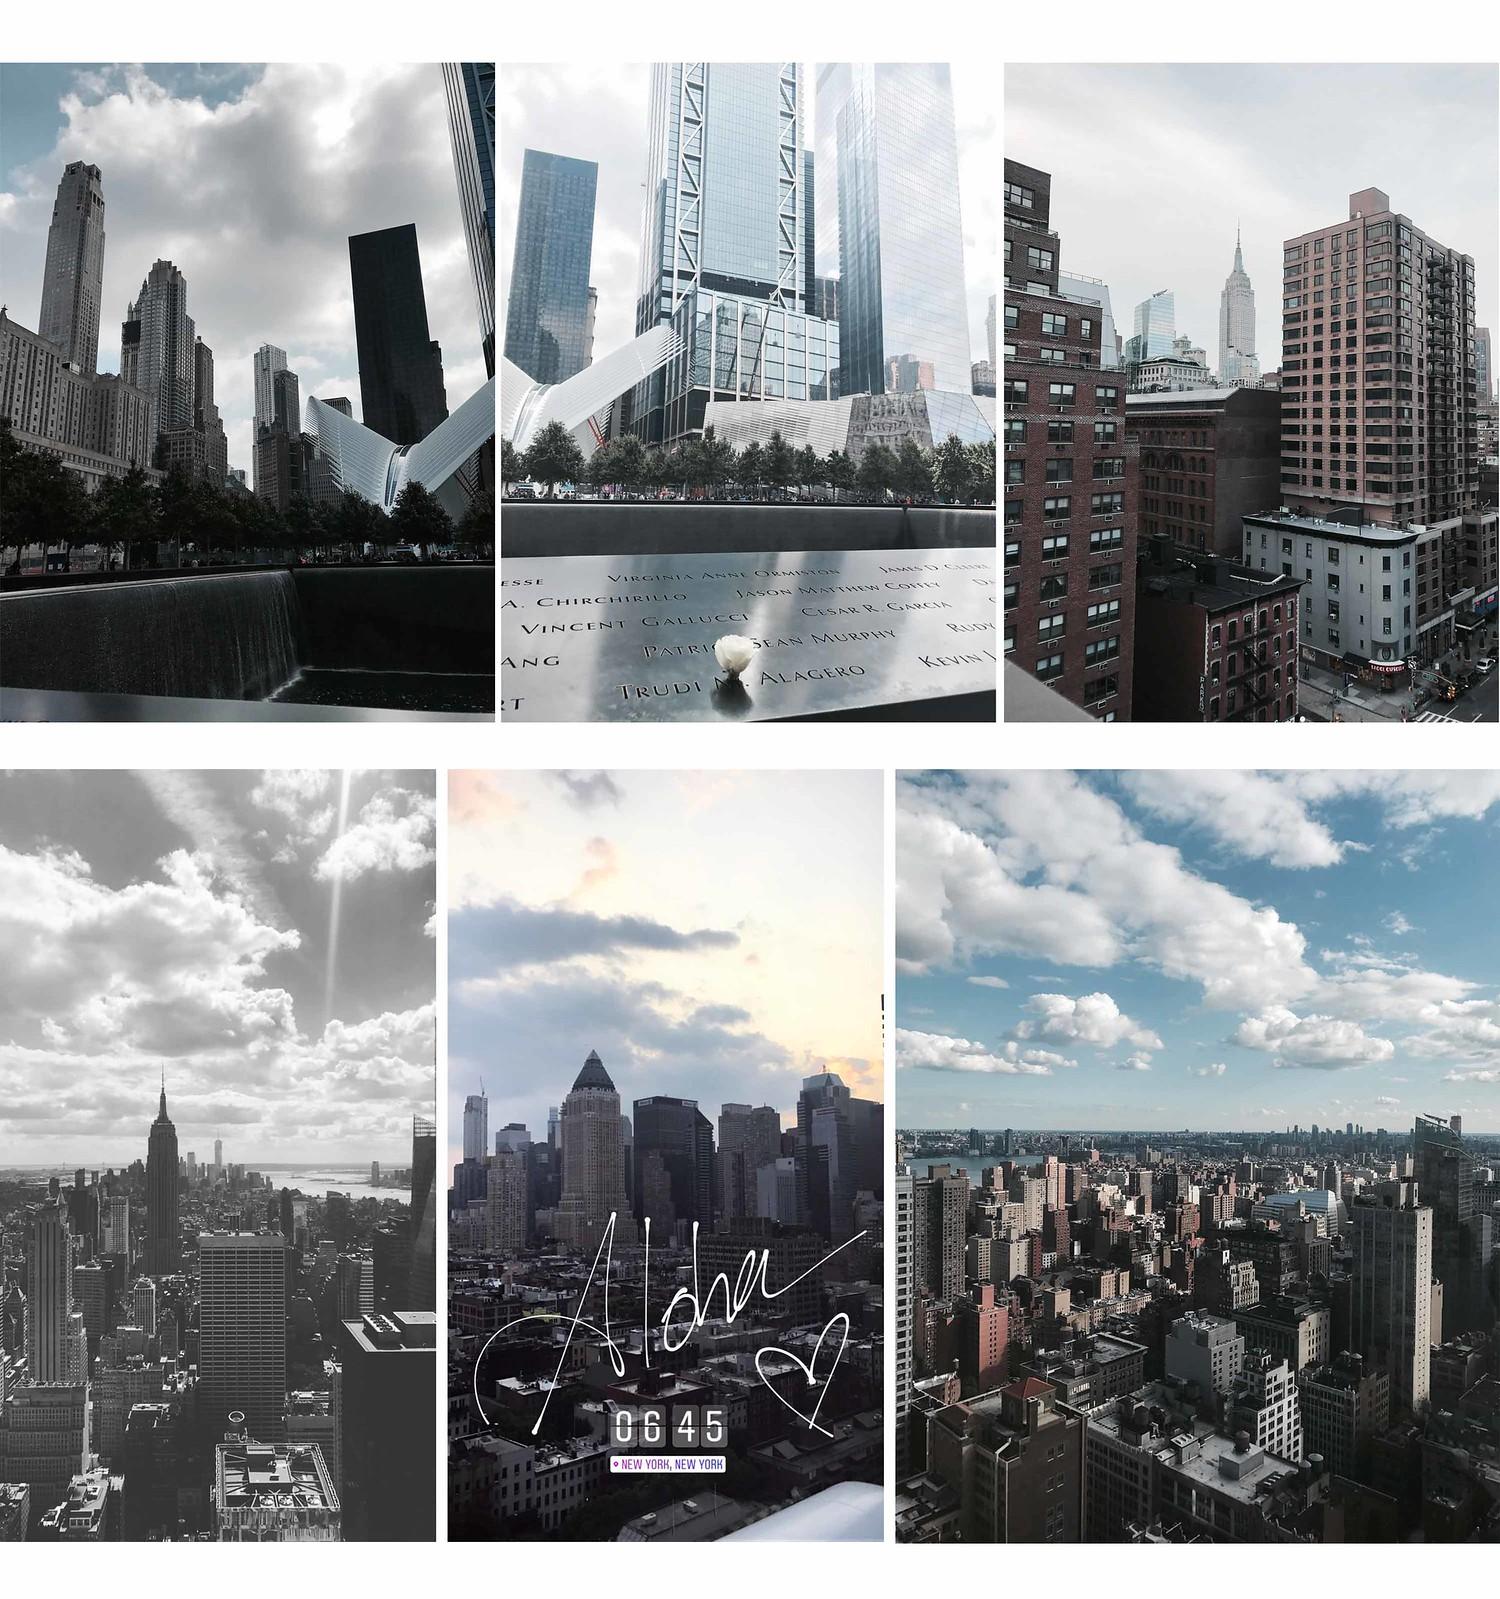 08_GUIA_NUEVA_YORK_7_DÍAS_QUÉ_HAY_EN_MI_IPHONE_VISITAR_NEW_YORK_POCOS_DIAS_FASHION_WEEK